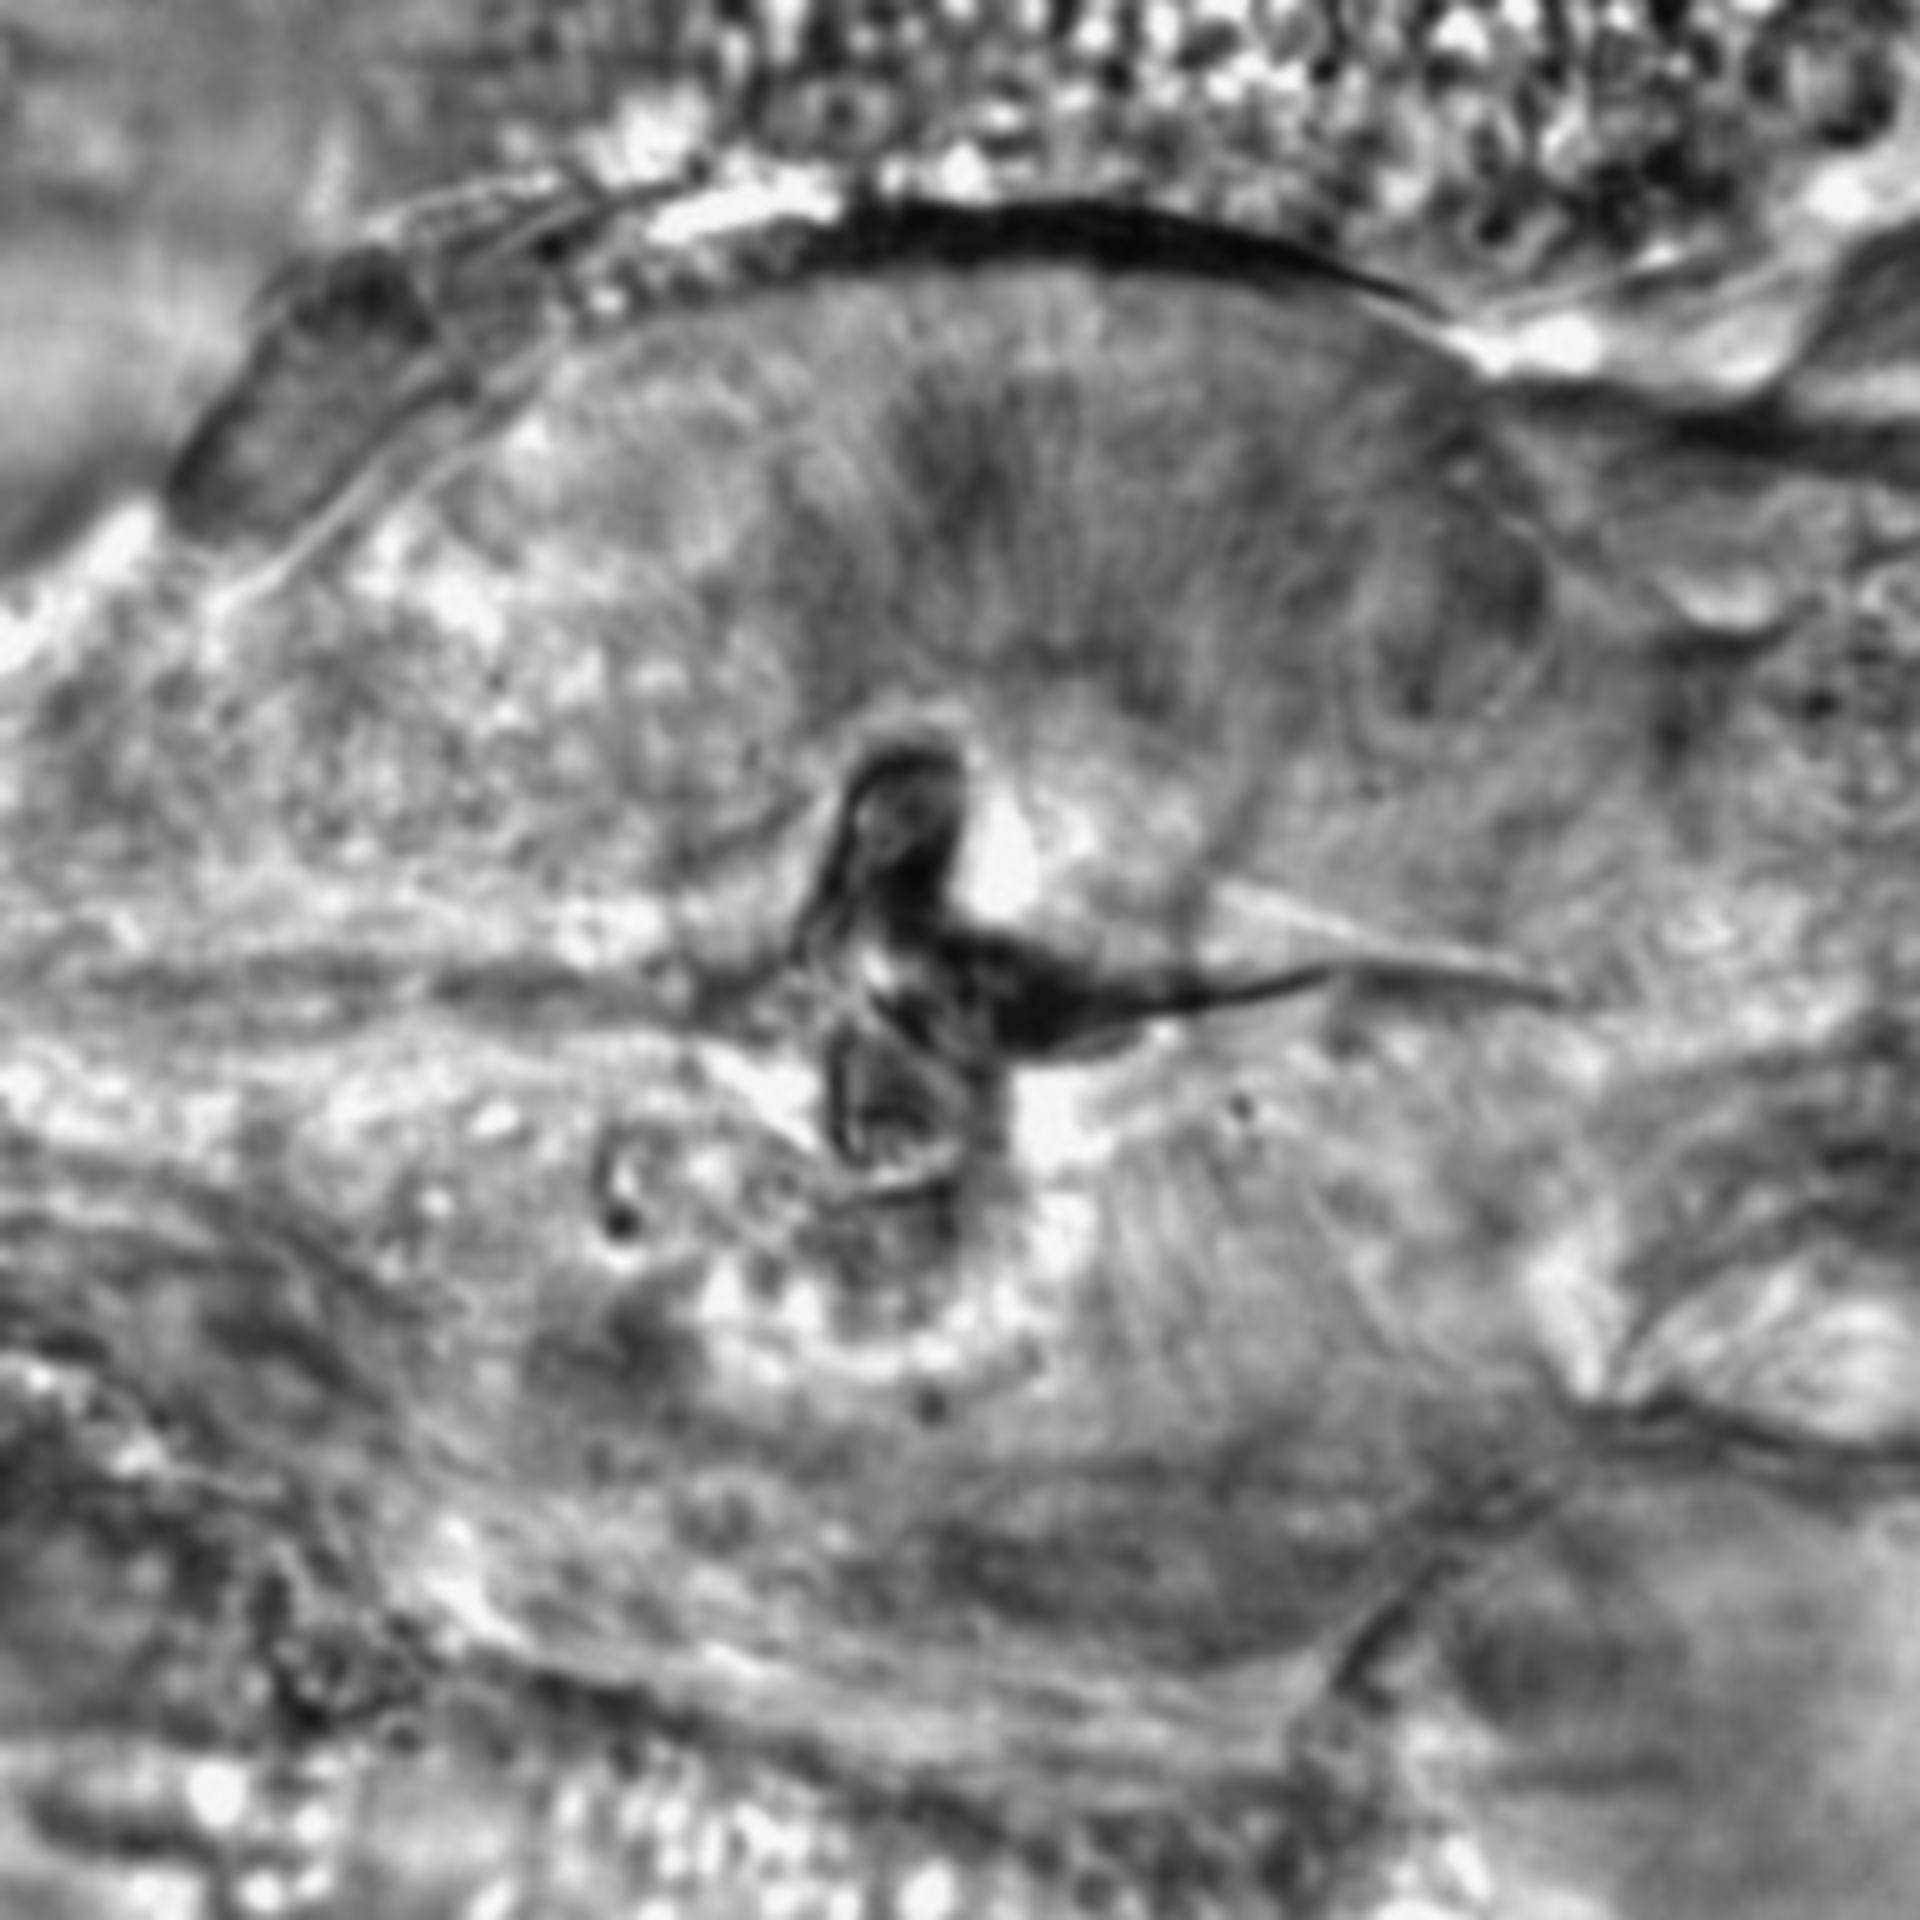 Caenorhabditis elegans - CIL:1925